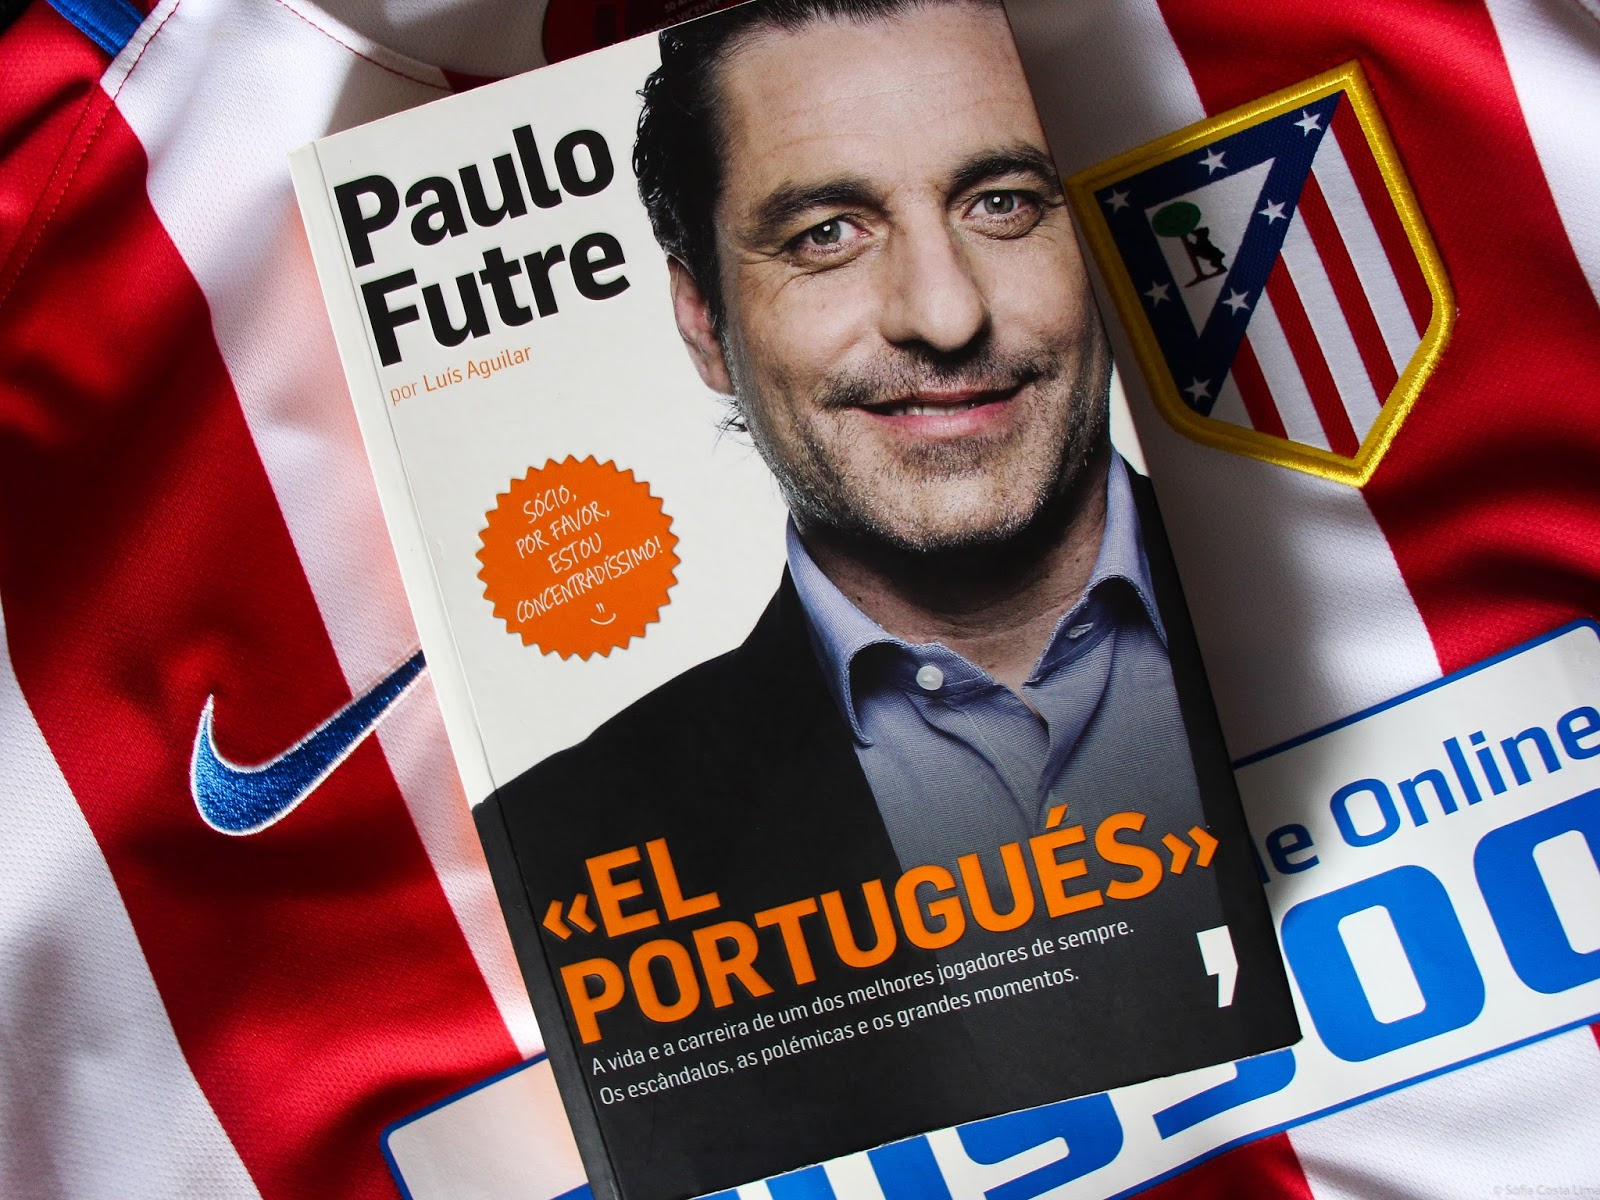 el portugués - paulo futre